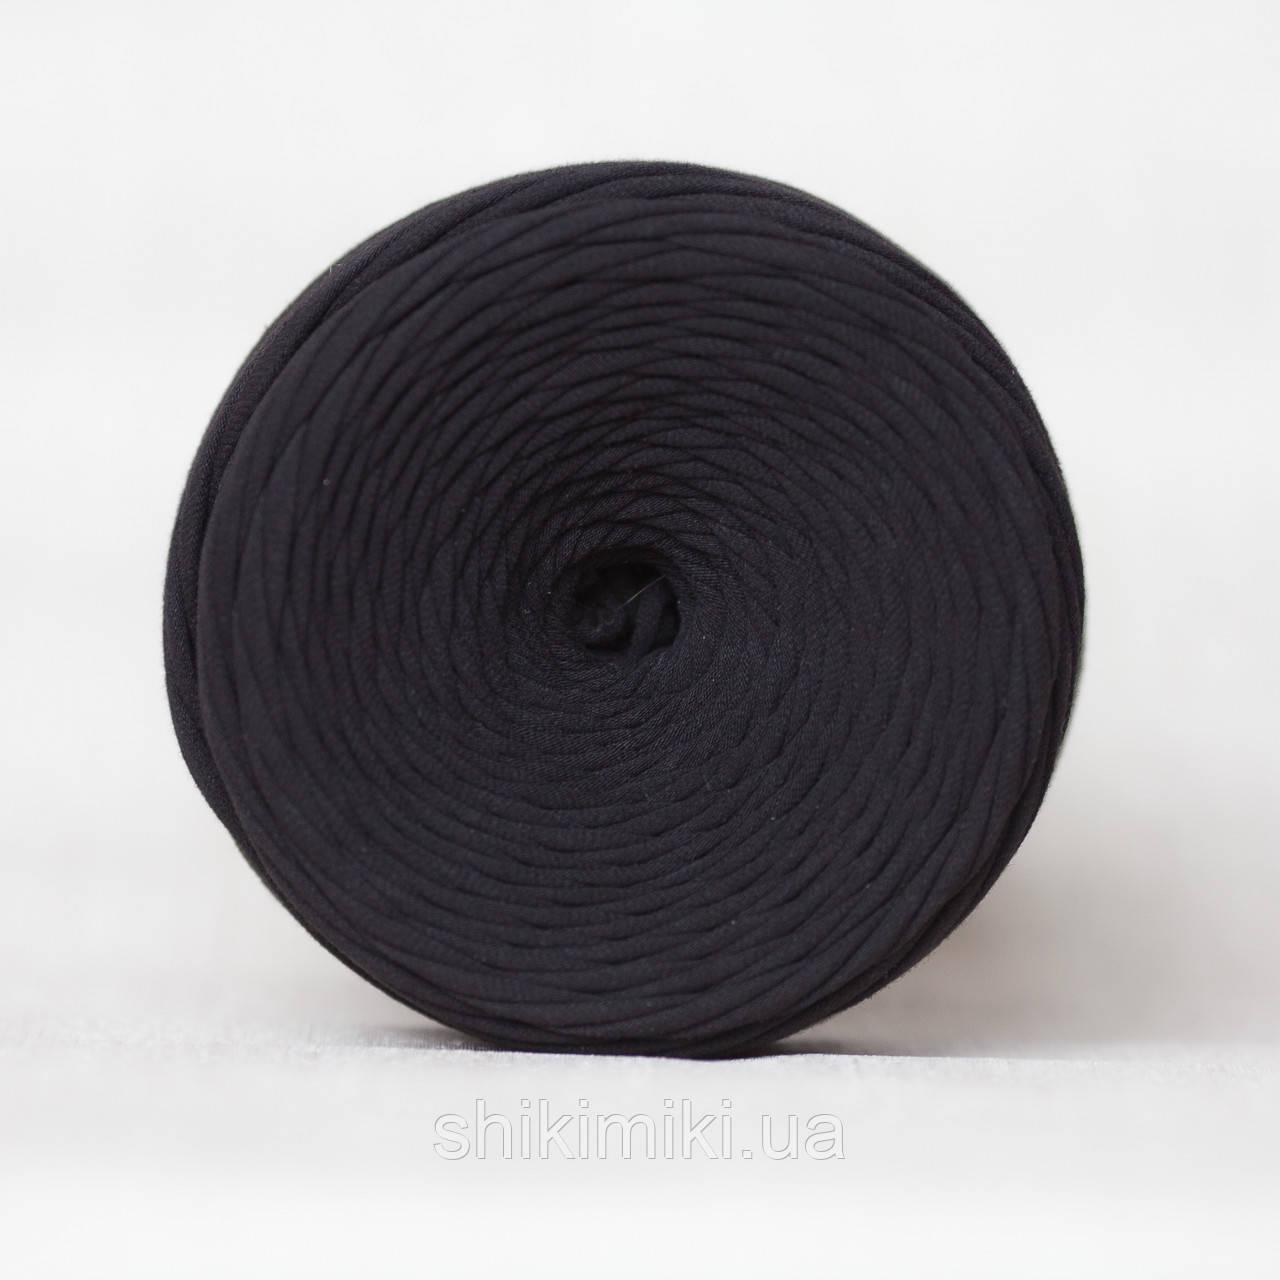 Трикотажная пряжа (Mini),цвет Черный